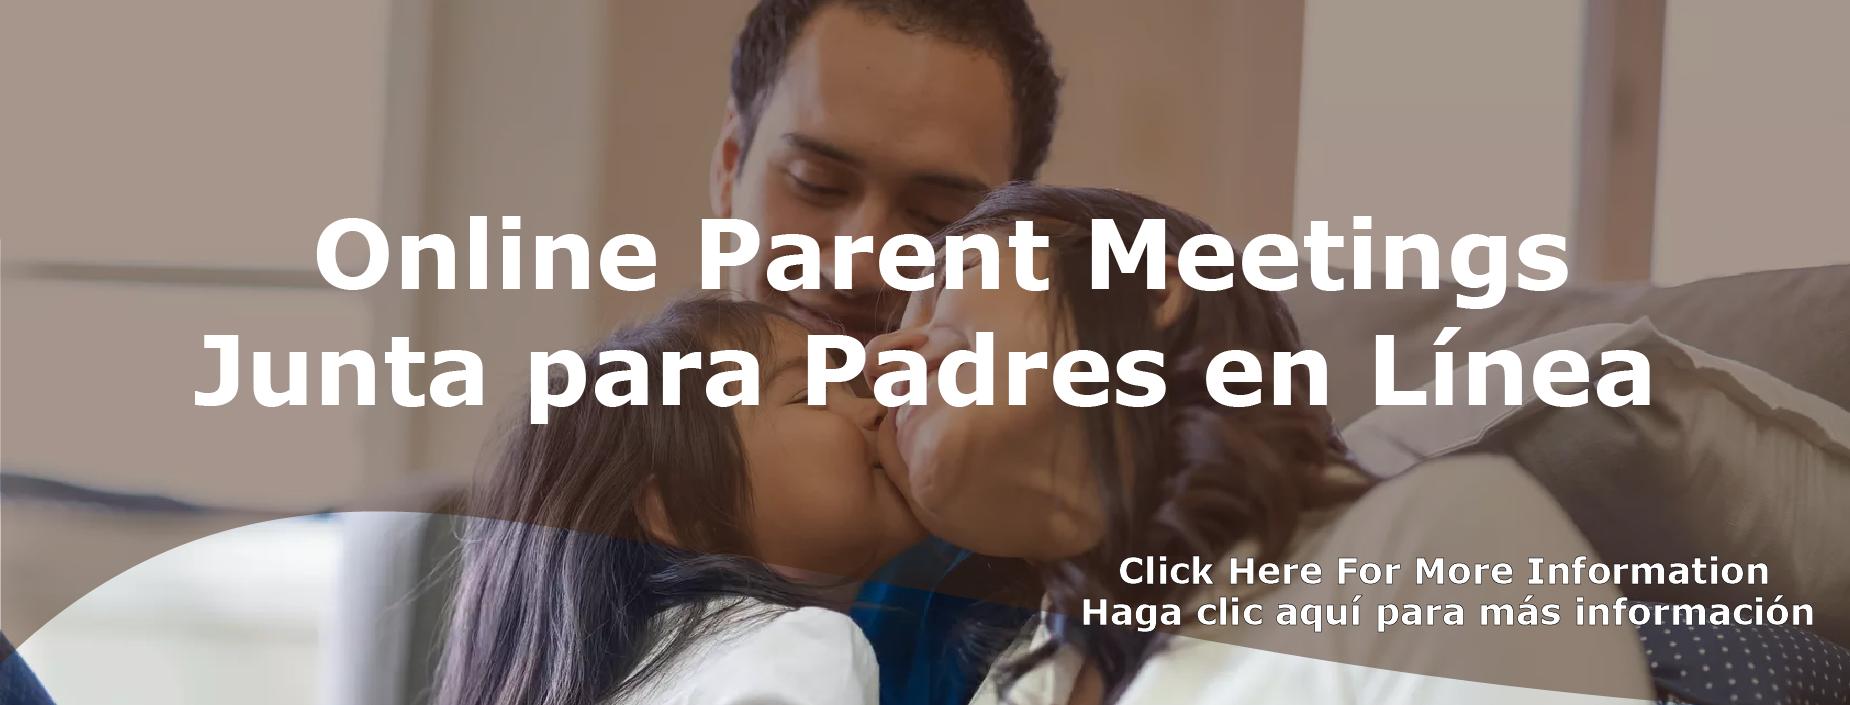 online parent meeting.  Junta para padres en linea. click here for more information.  haga clic aqui para mas informacion